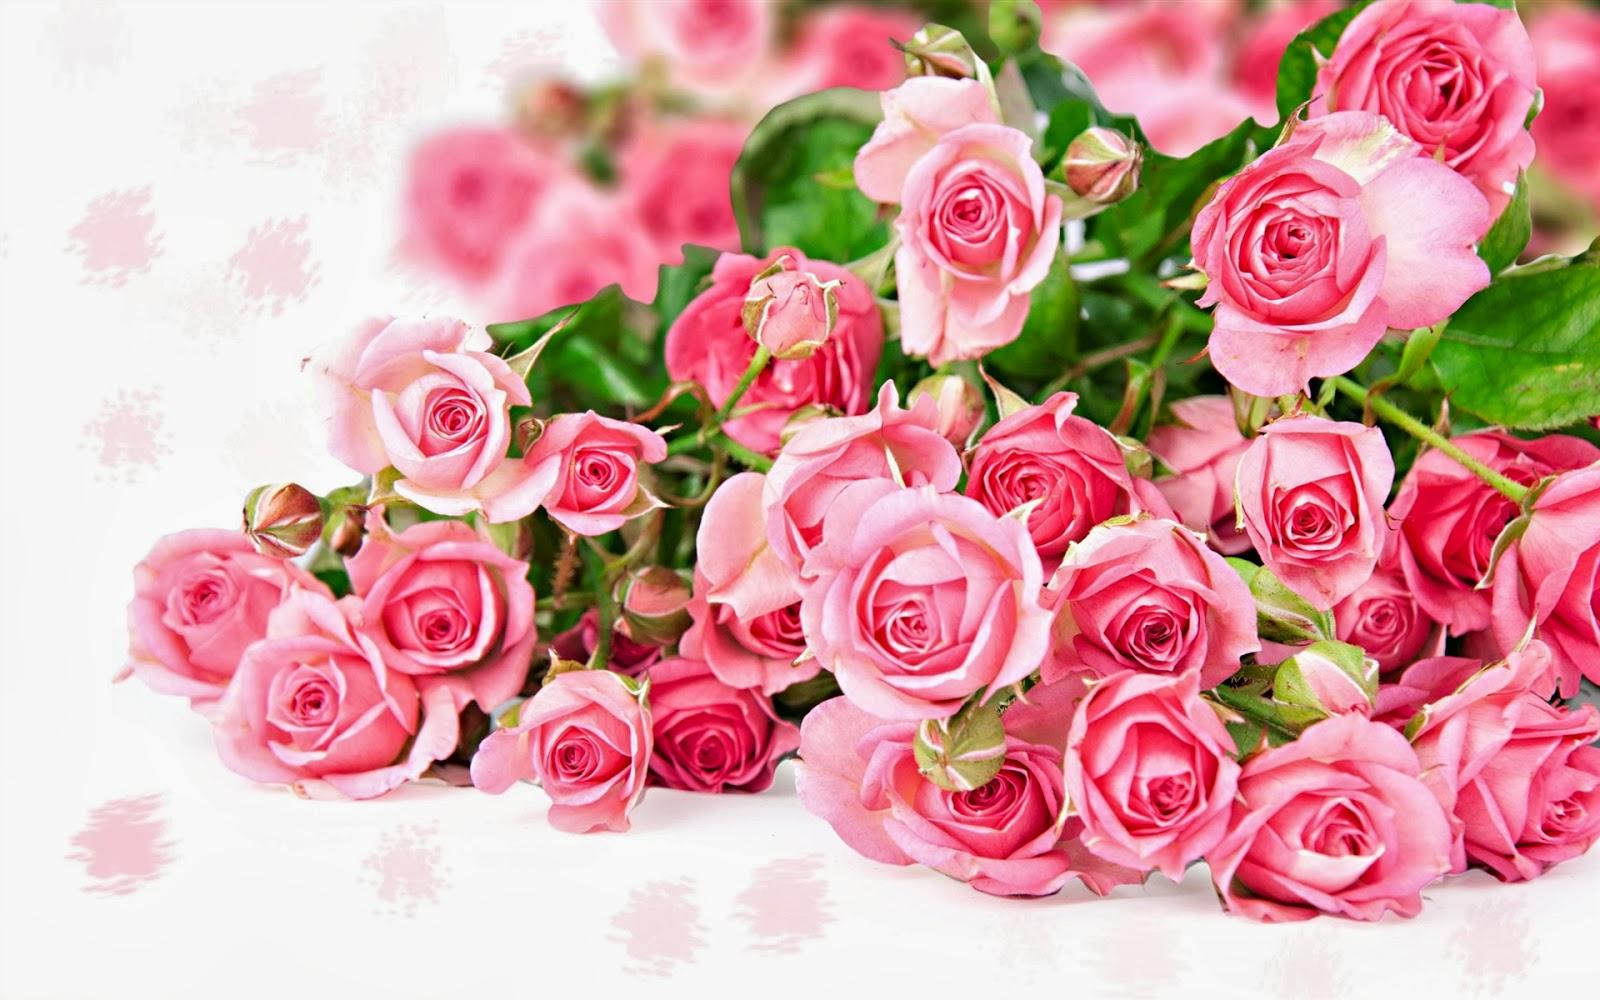 Seikat Bunga Mawar Pink Kumpulan Gambar Gambar Pilihan Gambar Lucu Gambar Bergerak